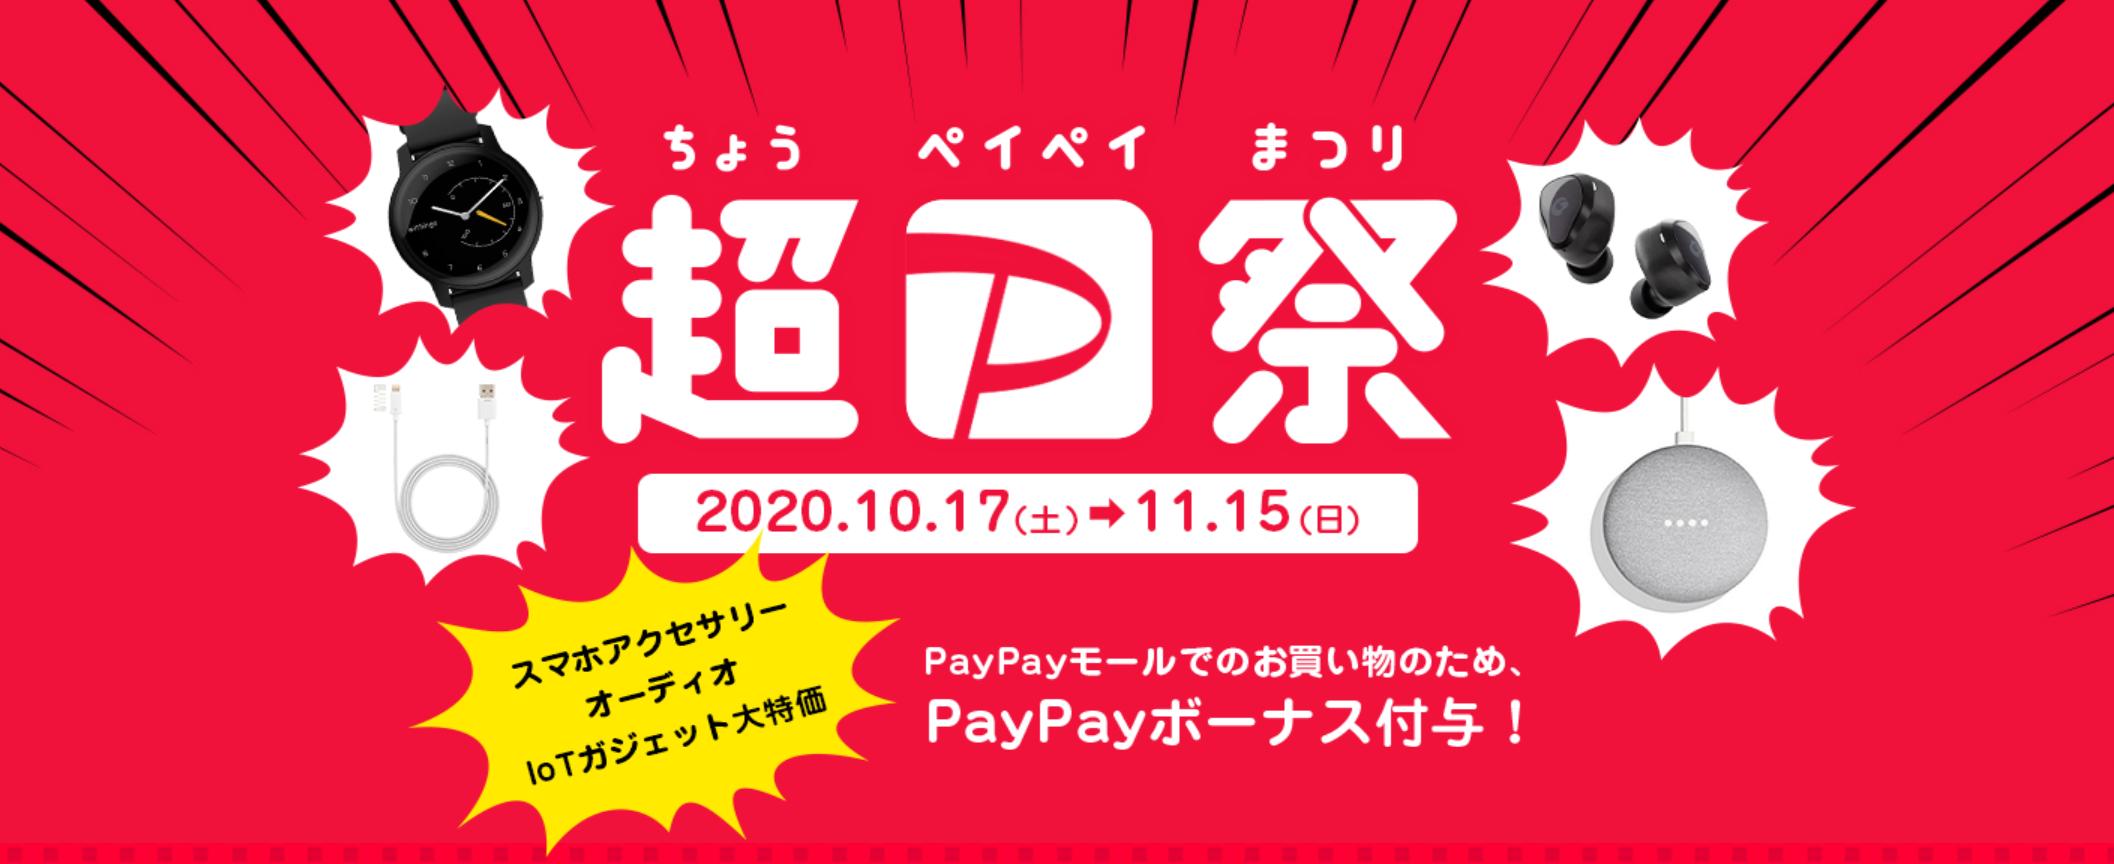 ワイモバイル_キャンペーン_超PayPay祭